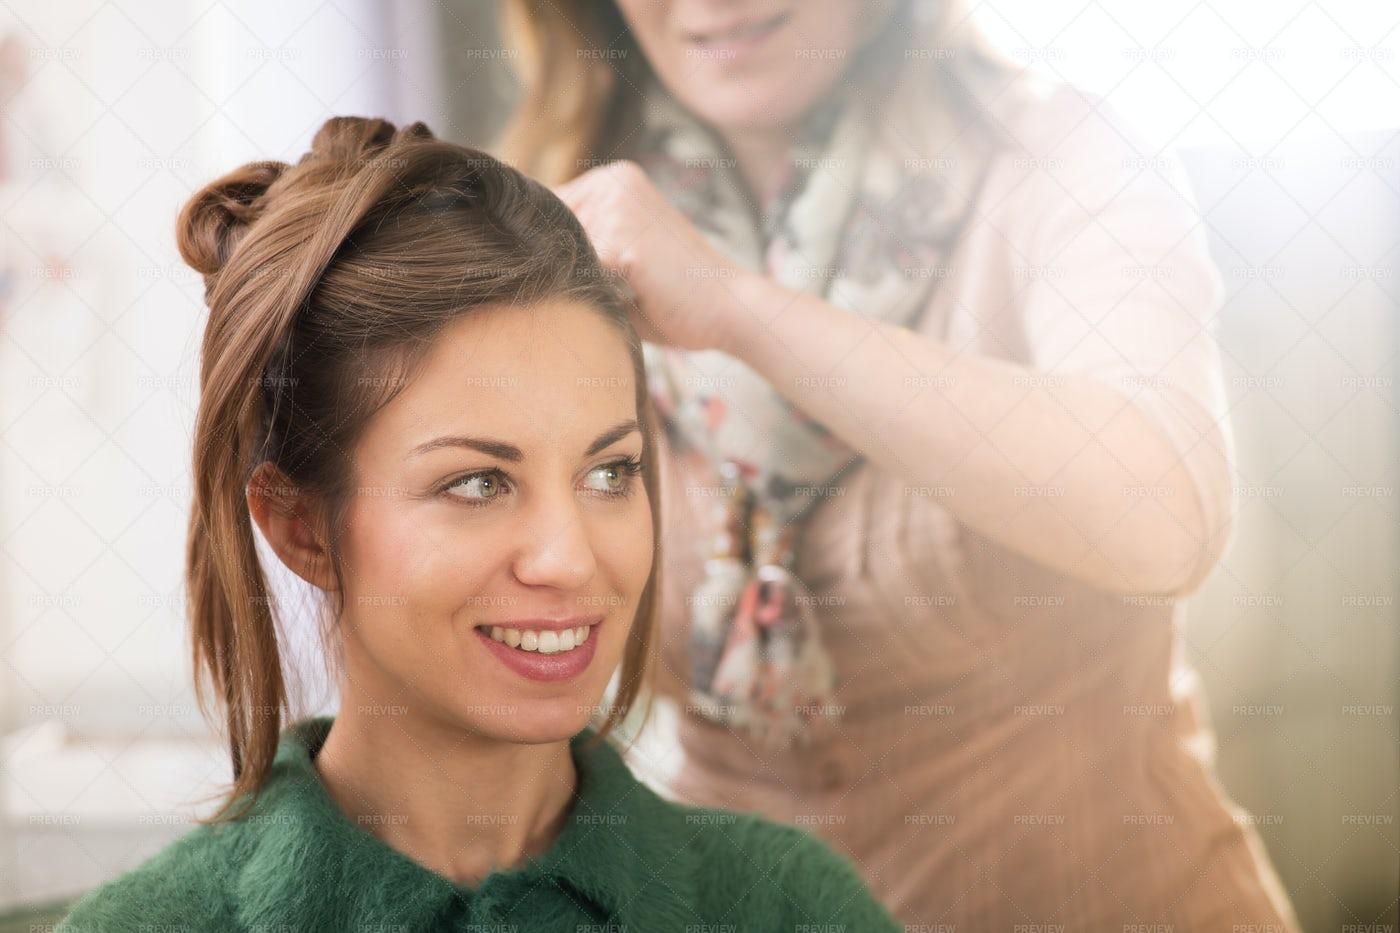 Woman Getting Hairdo: Stock Photos